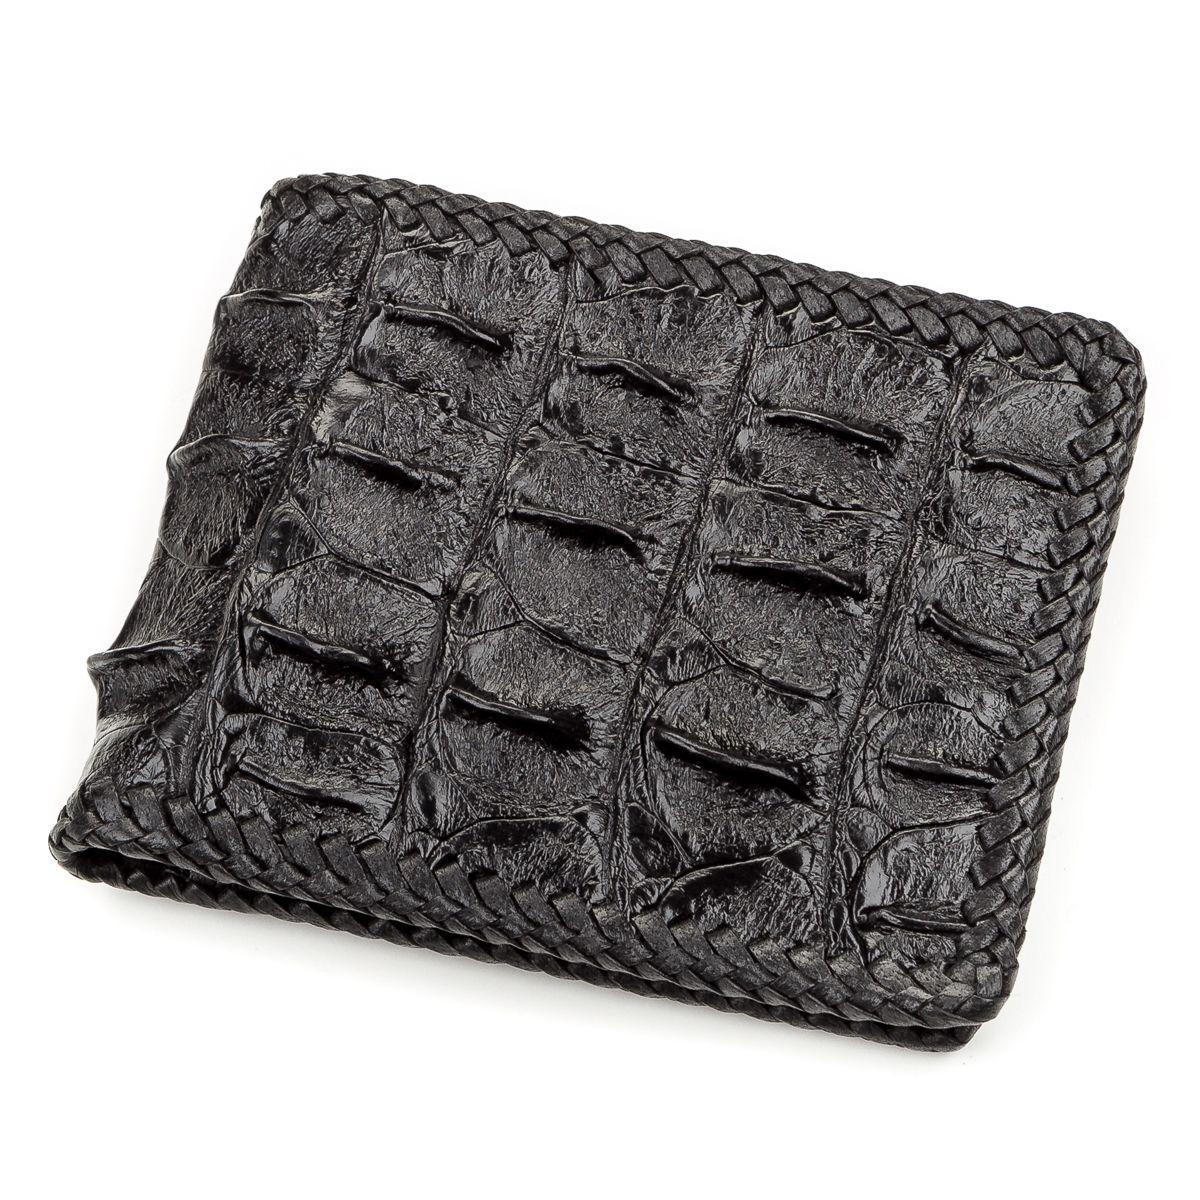 Портмоне Ekzotic Leather из натуральной кожи крокодила Черное   (cw 59)